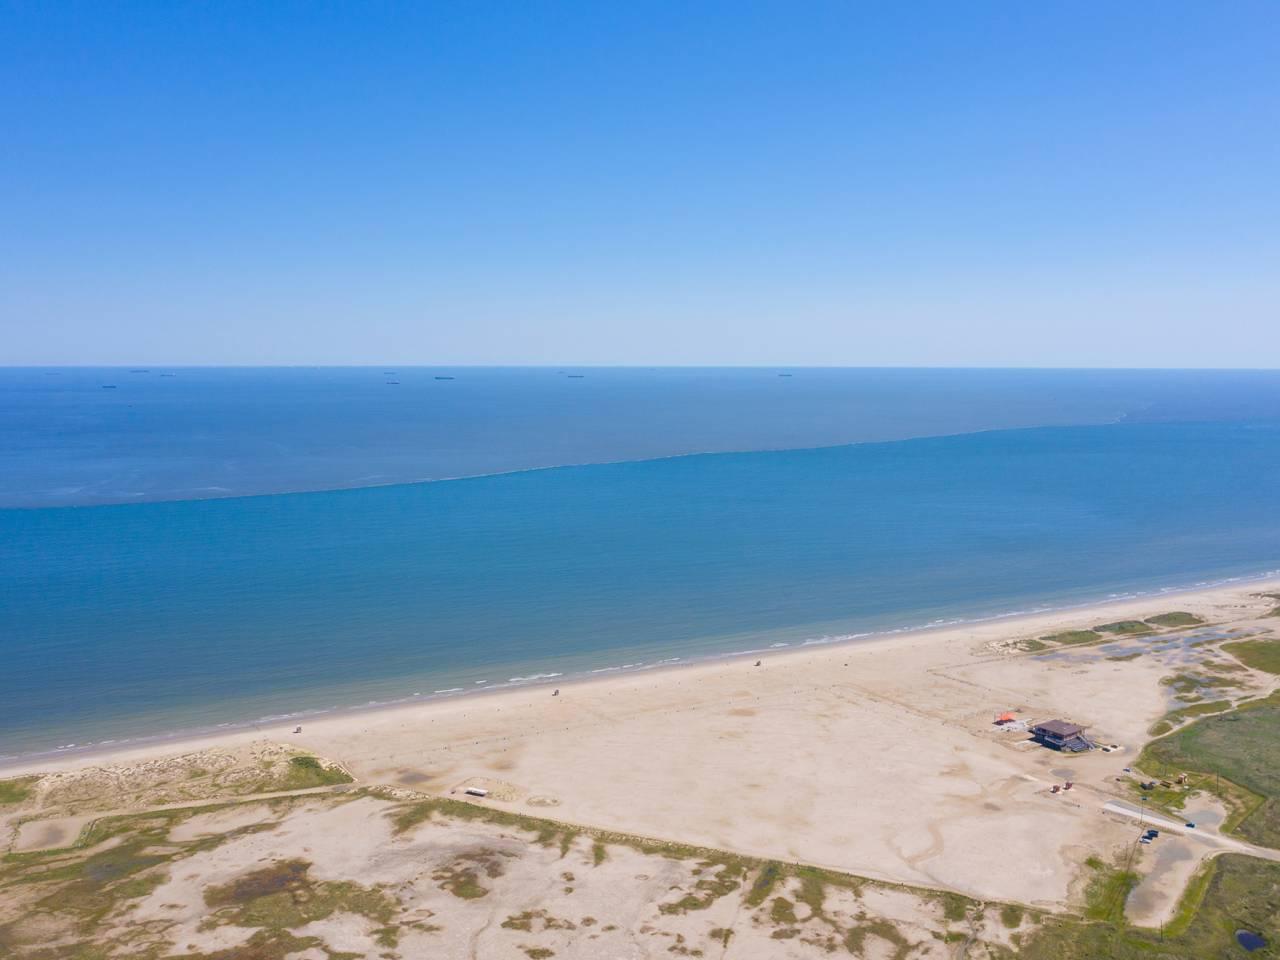 R.A. Apffel Beach Park (East Beach)